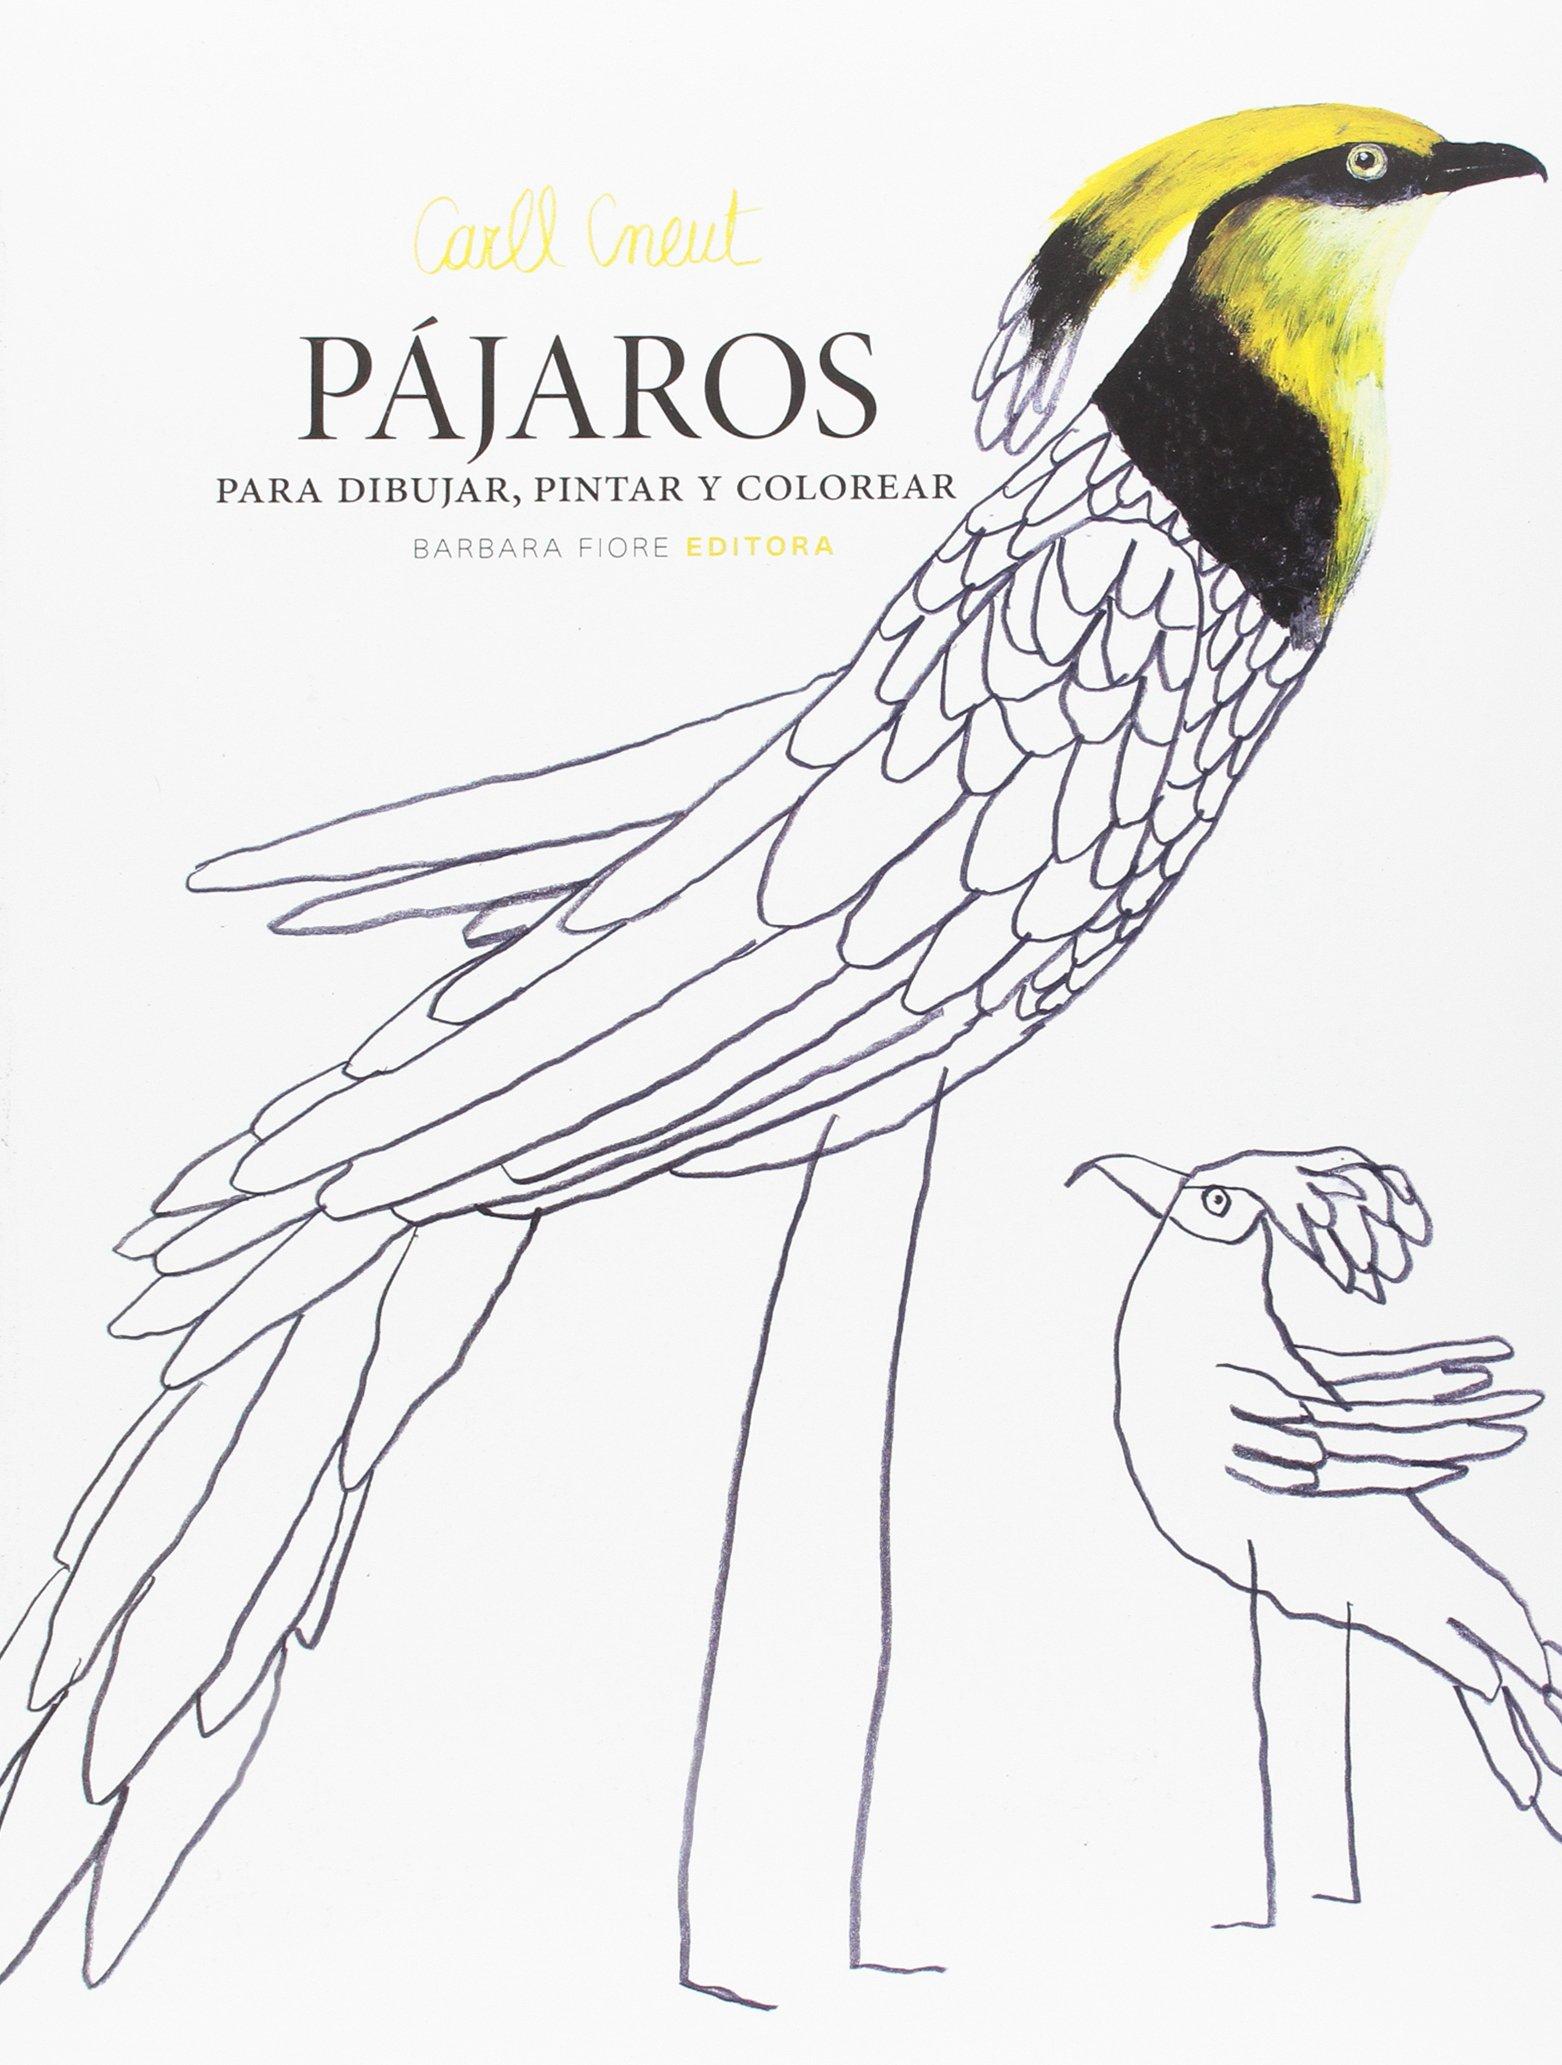 Pájaros para dibujar, pintar y colorear: Amazon.es: Carll Cneut ...